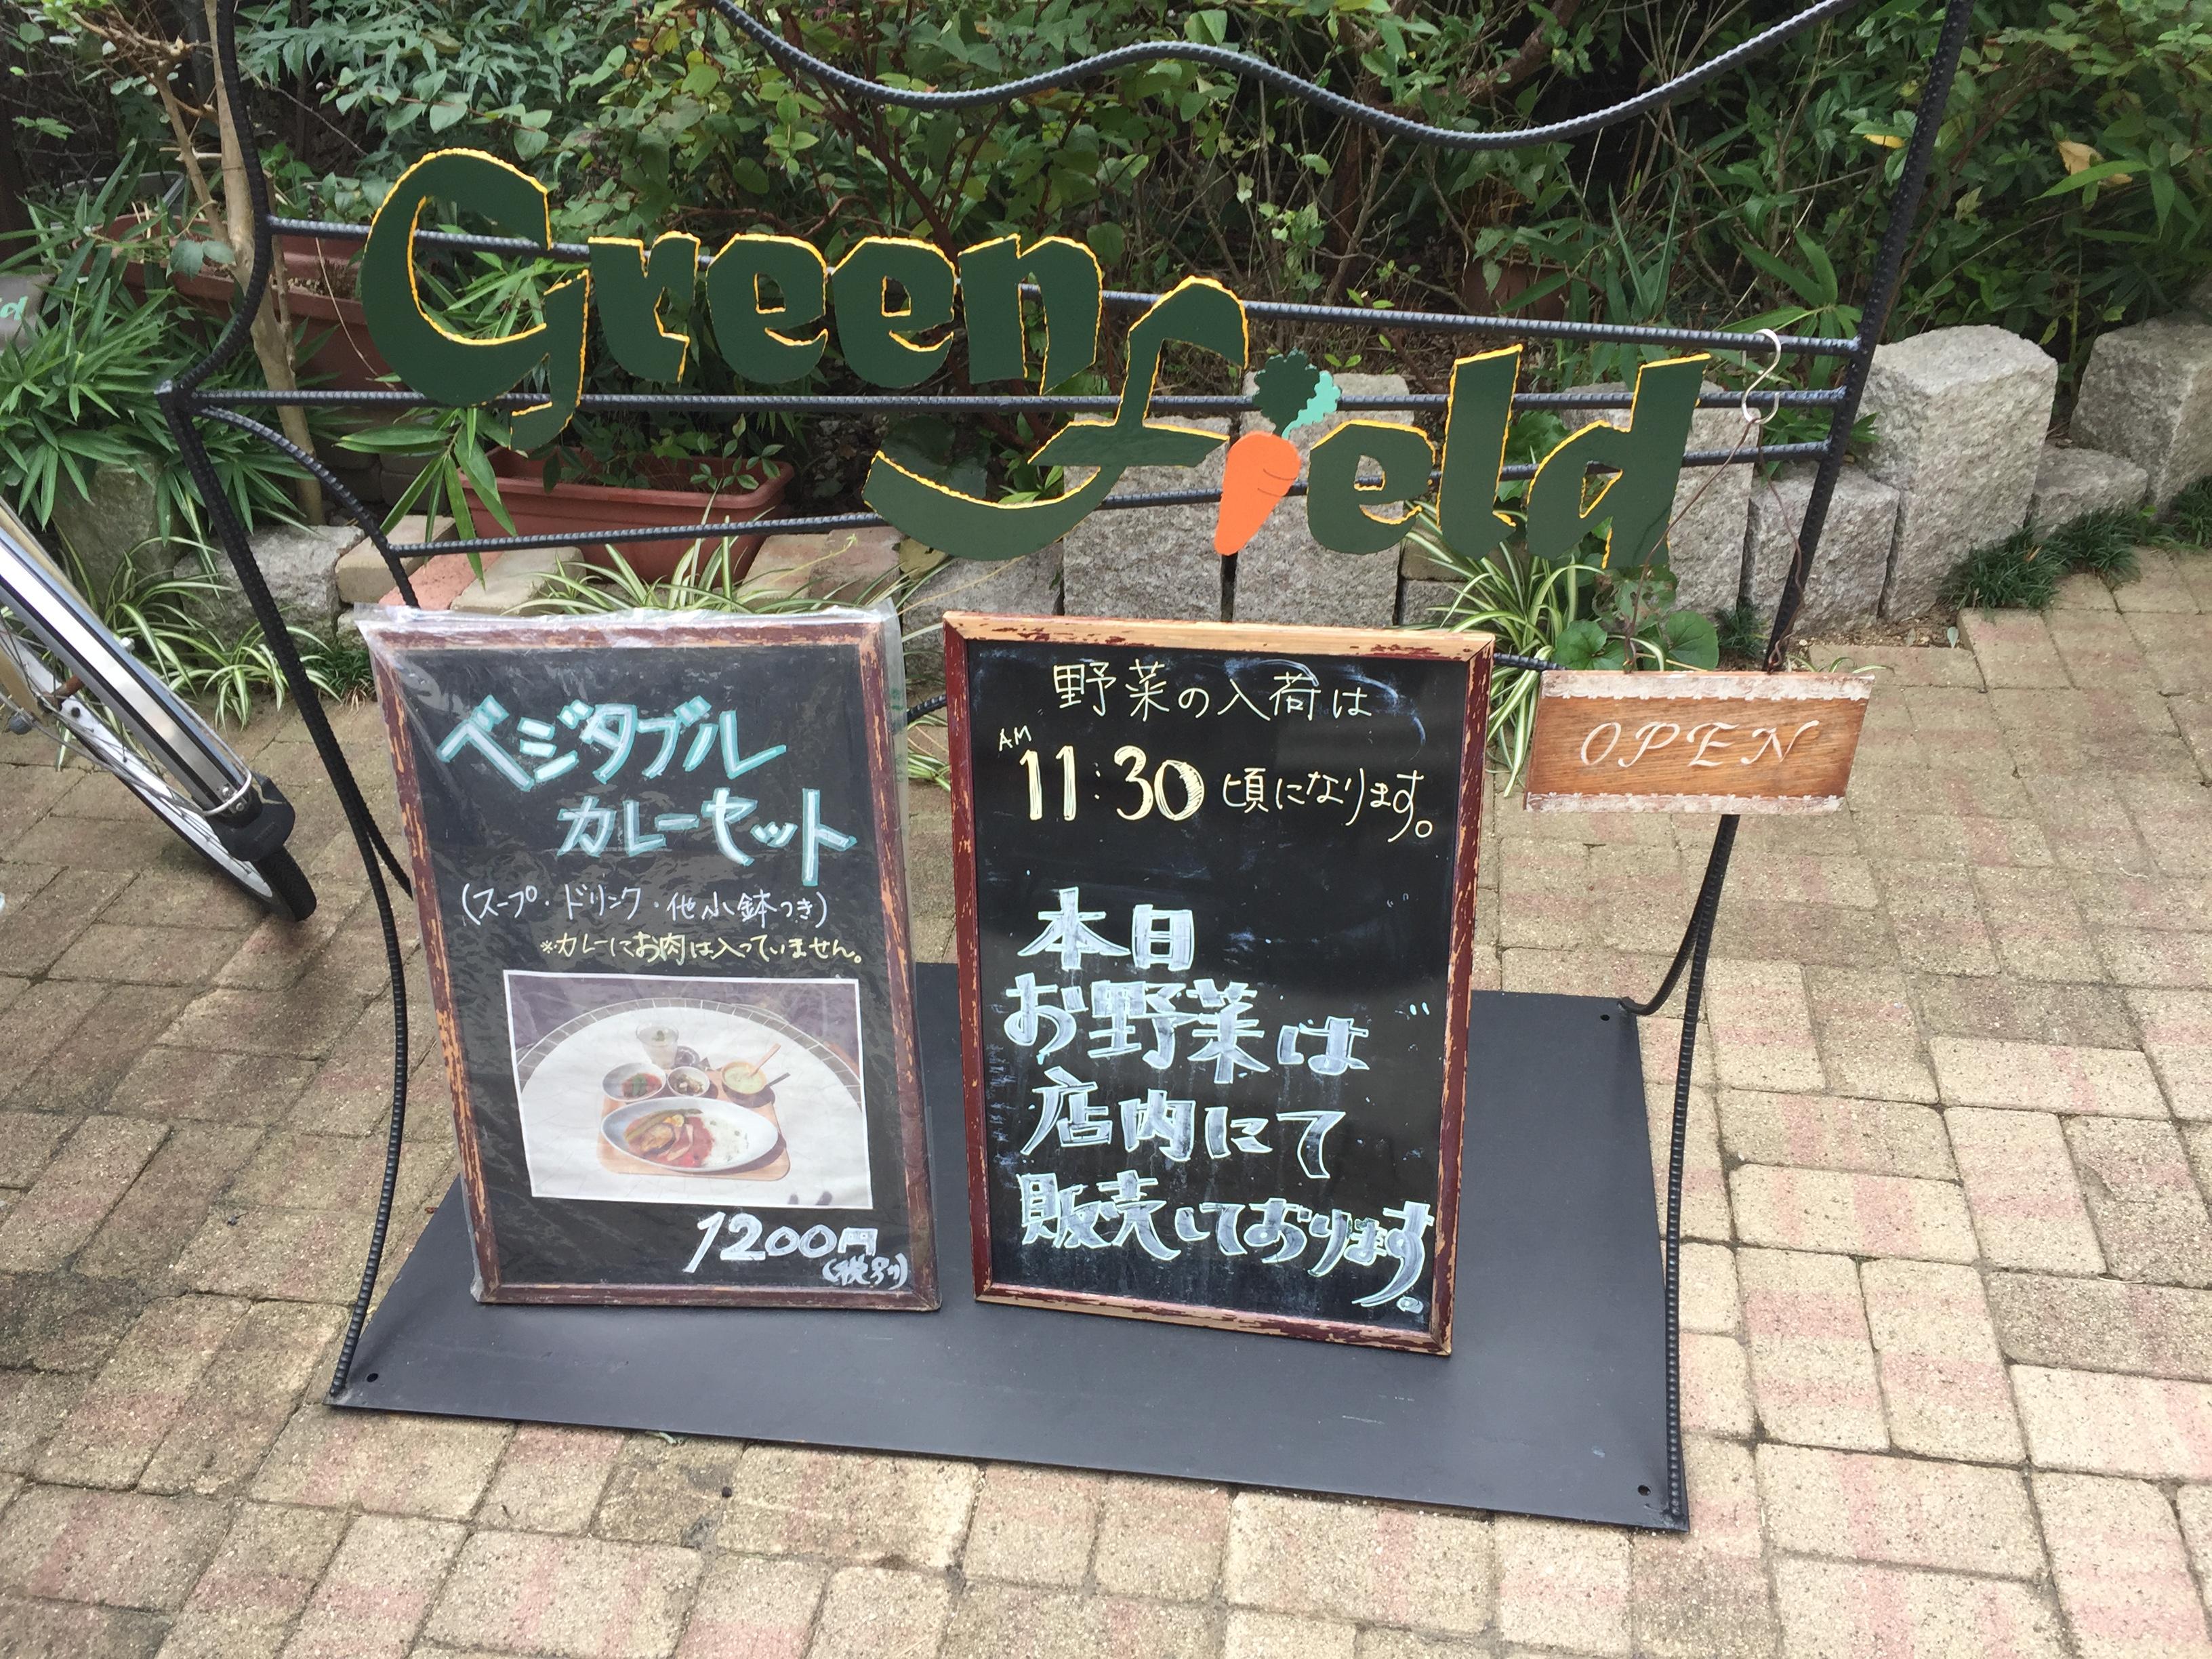 神戸・岡本のベジカフェ「greenfield」は新鮮野菜がたっぷり楽しめるよ【※写真付紹介※】